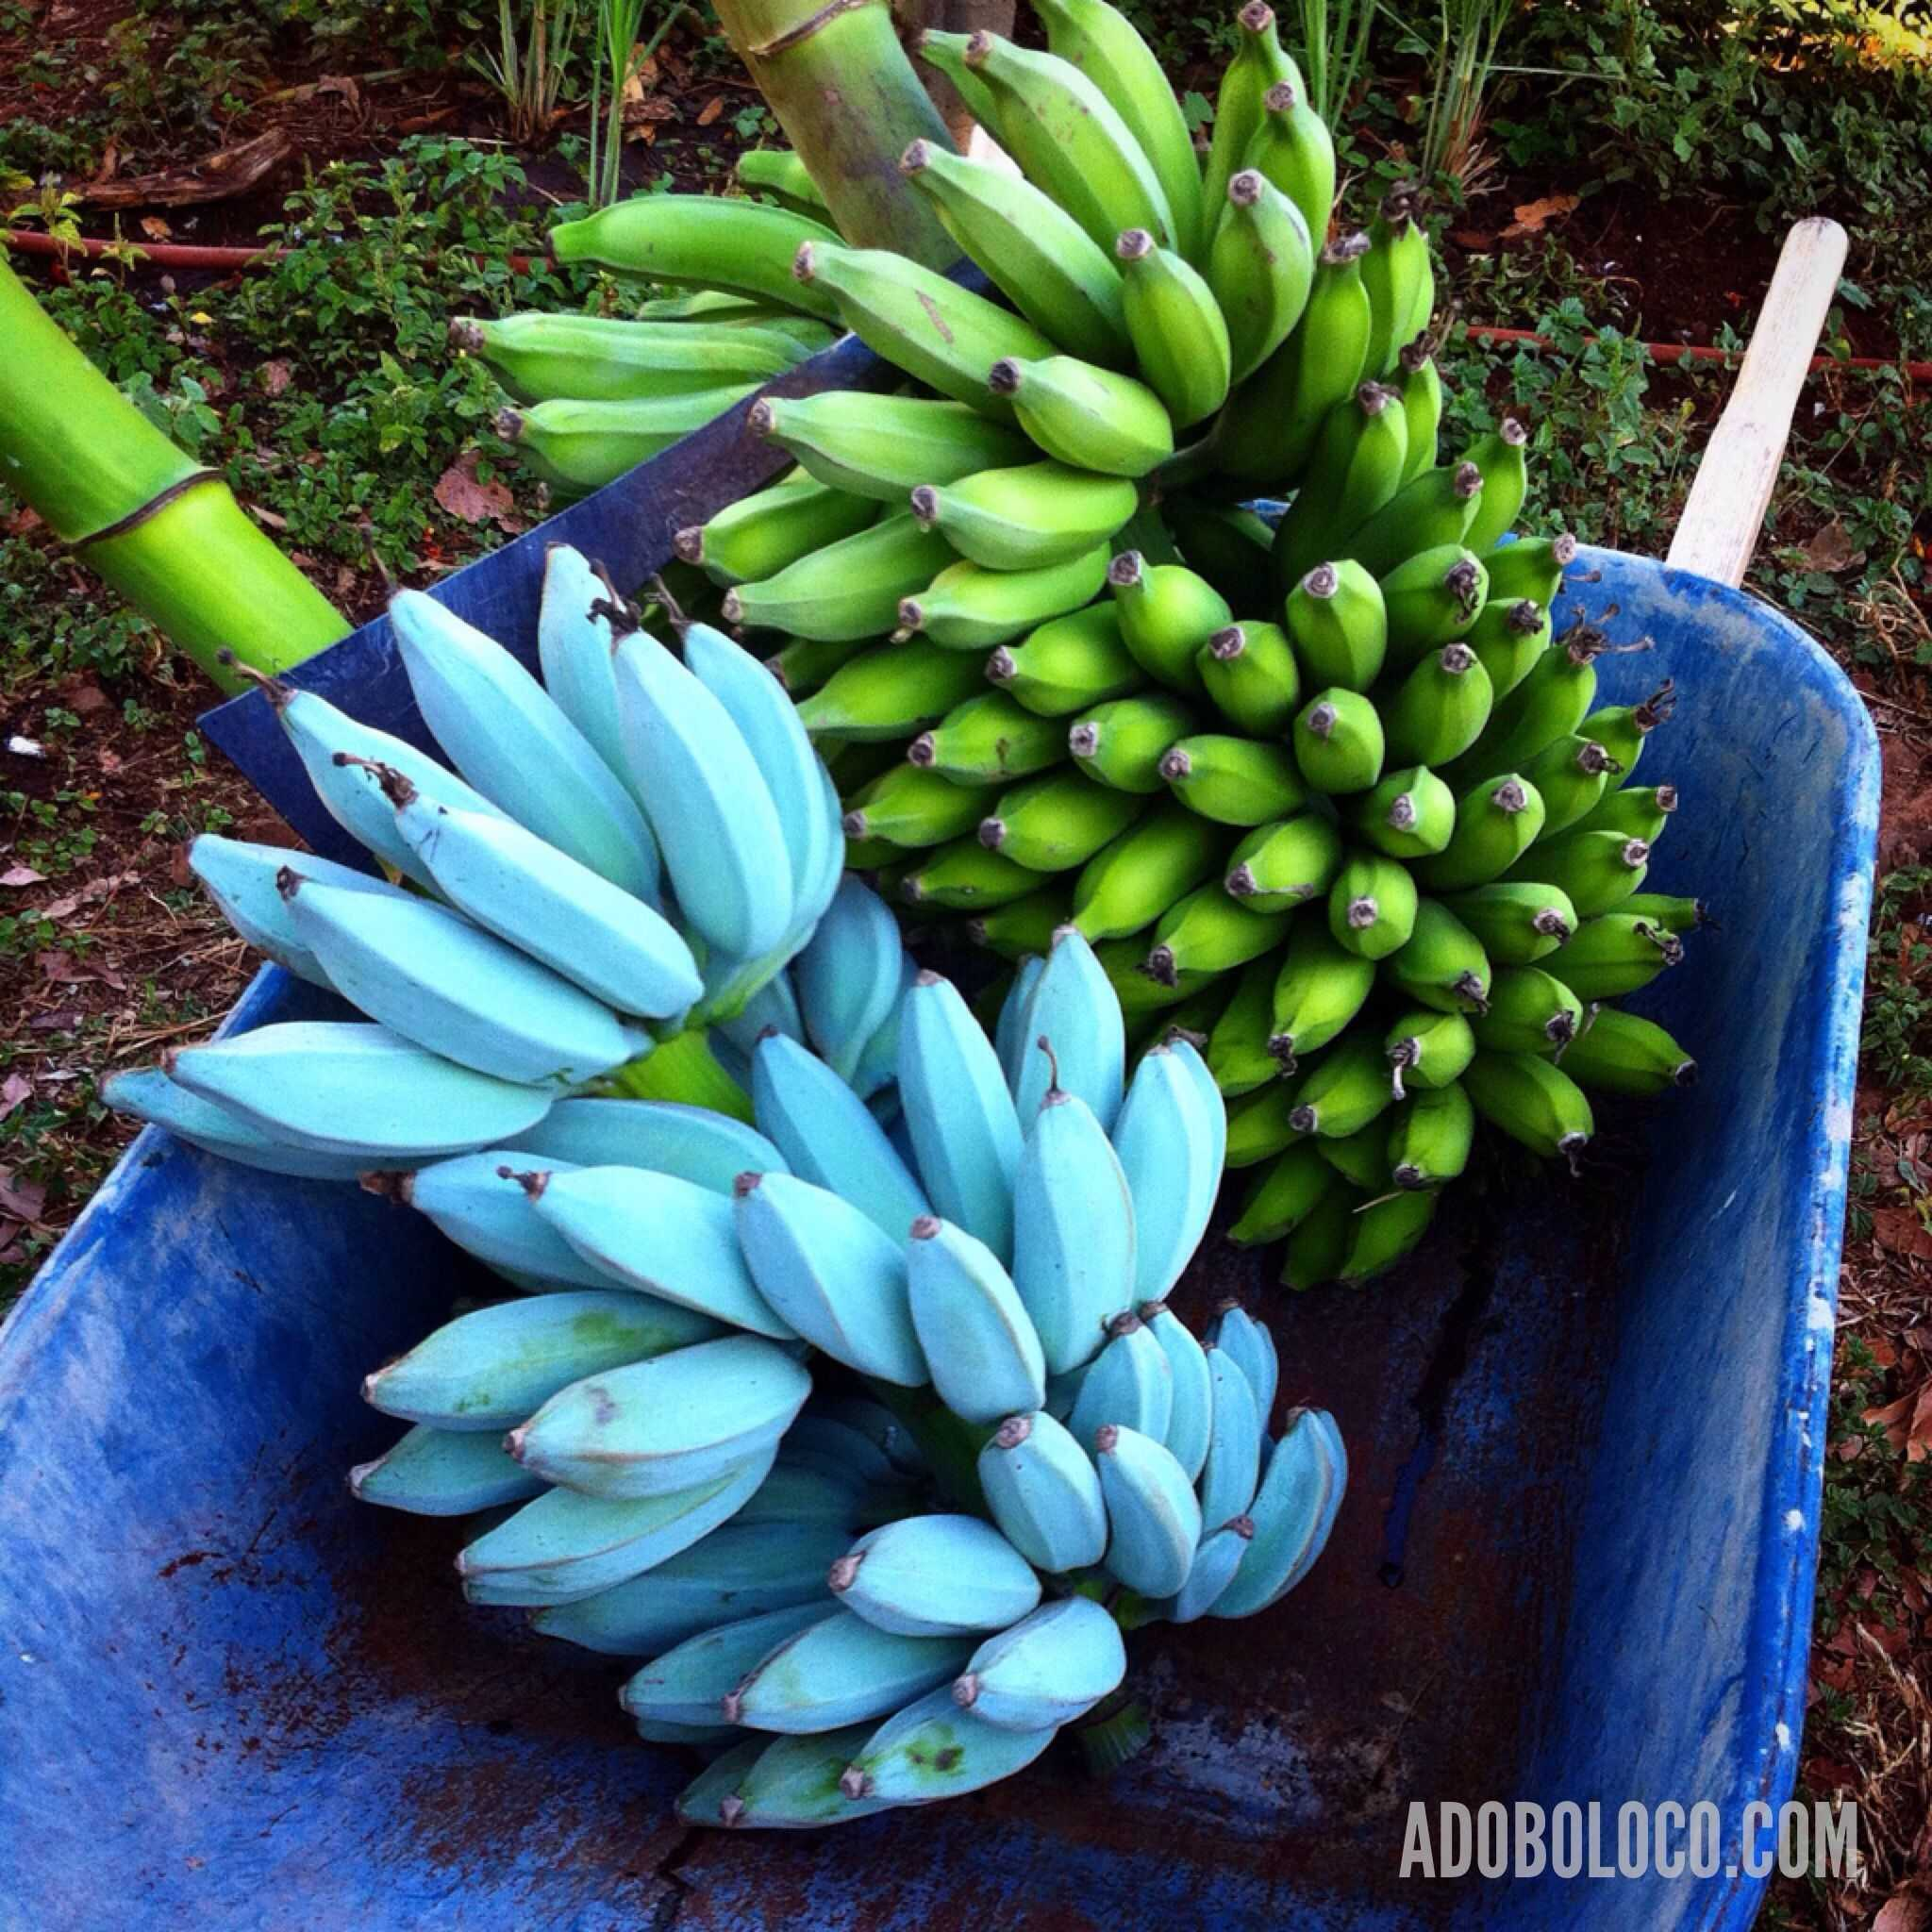 71474d17fe Essa variedade de banana chama a atenção pela aparência, com a planta em si  alcançando até seis metros de altura, os frutos um pouco maiores que o  habitual, ...